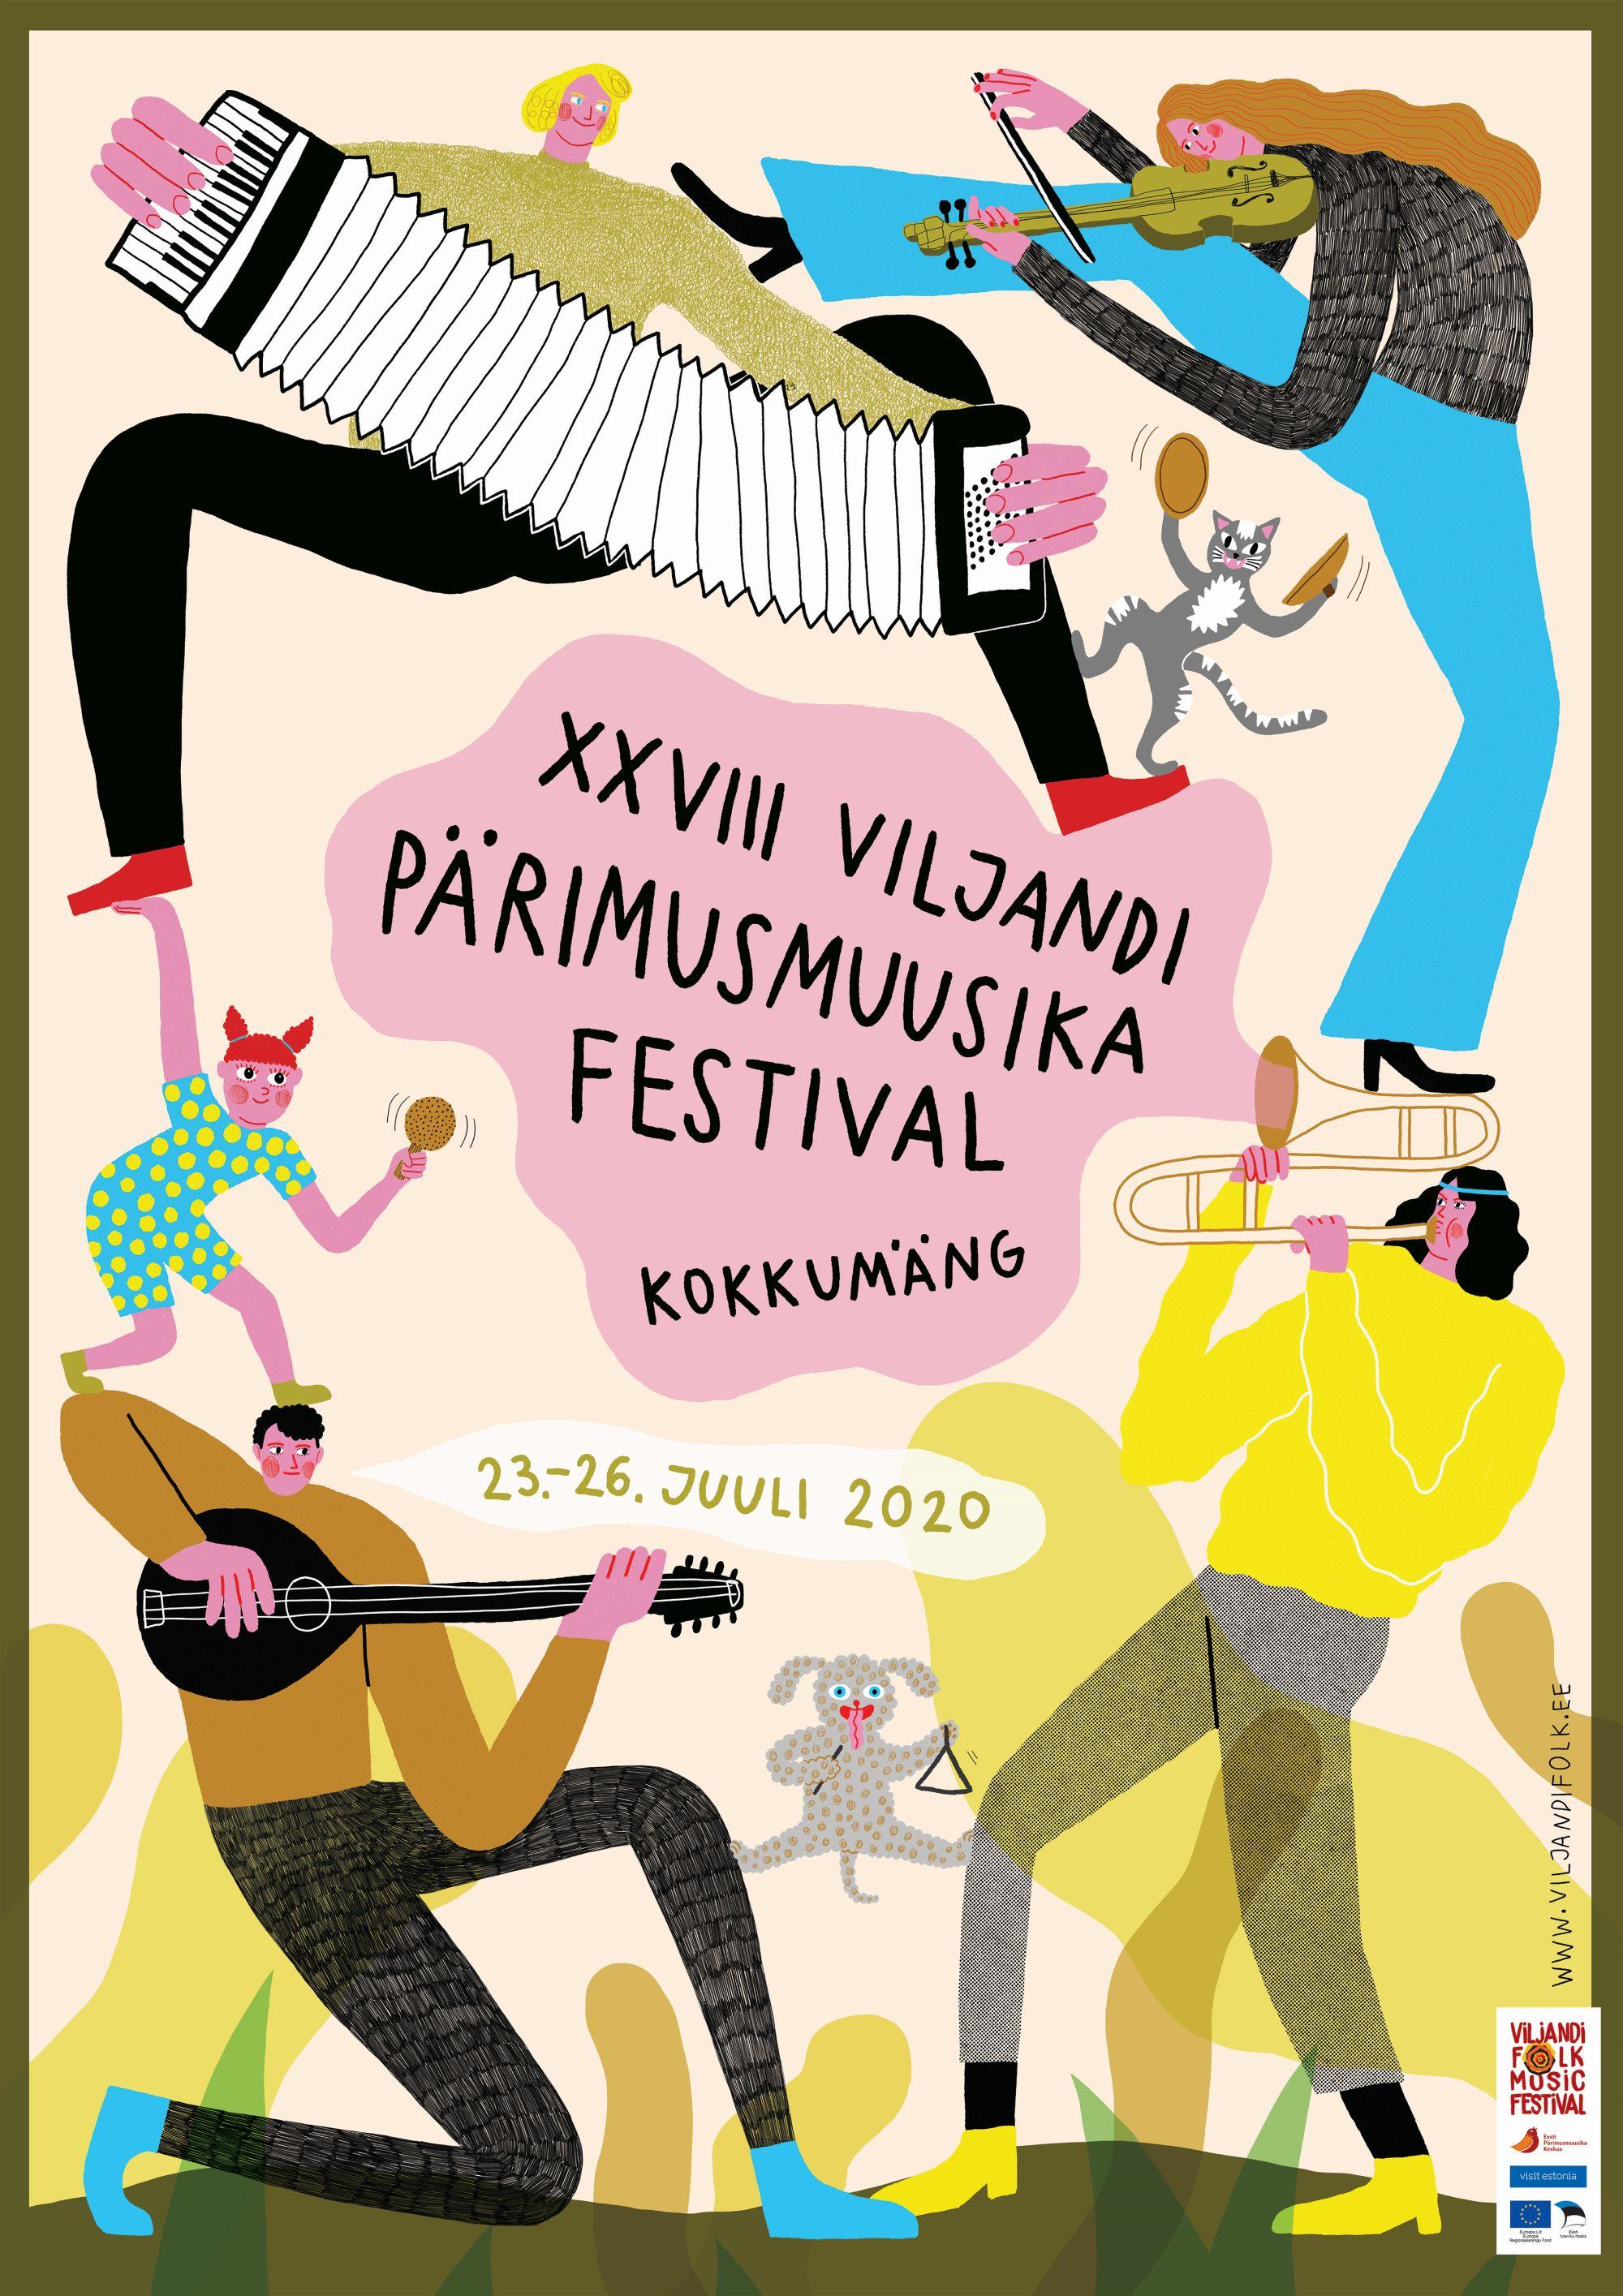 Viljandi pärimusmuusika festival avalikustas täna tunnuskujunduse